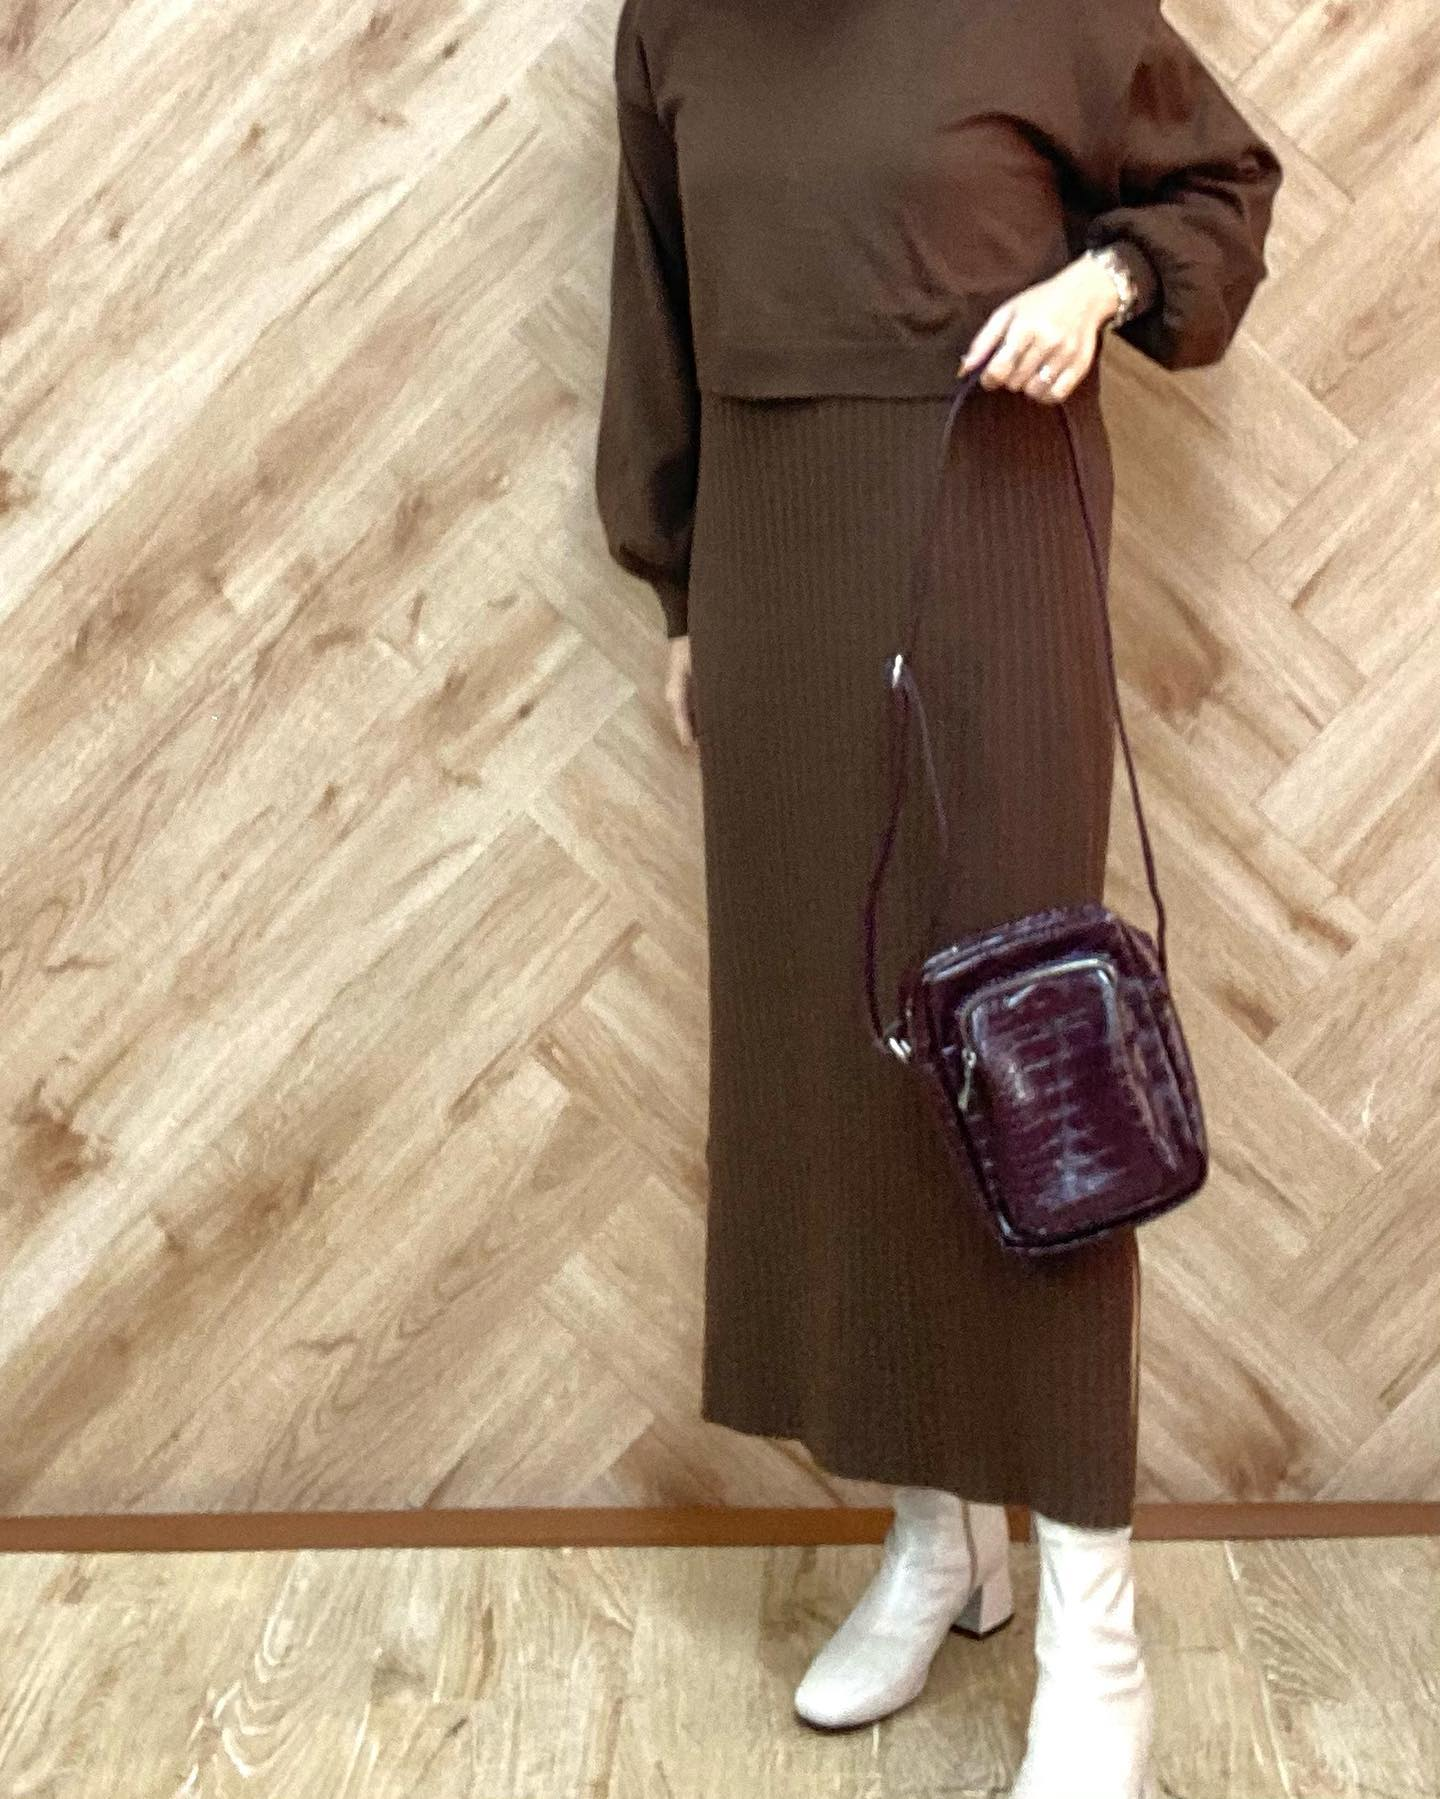 .【new arrival】🏷RF046143B001 クロコミニショルダー▷¥2,300+tax(店舗今週入荷.オンライン近日入荷予定)∥color∥D purple / D brown / black 外ポケットが嬉しい人気のクロコブーツとの合わせでコーデにメリハリを#retrogirl_ootd#レトロガール#レトロガールコーデ#トレンドファッション#プチプラコーデ#クロコ #クロコダイルバッグ #ショルダーバッグ #パープルカラー #ニットワンピ #ブーツ